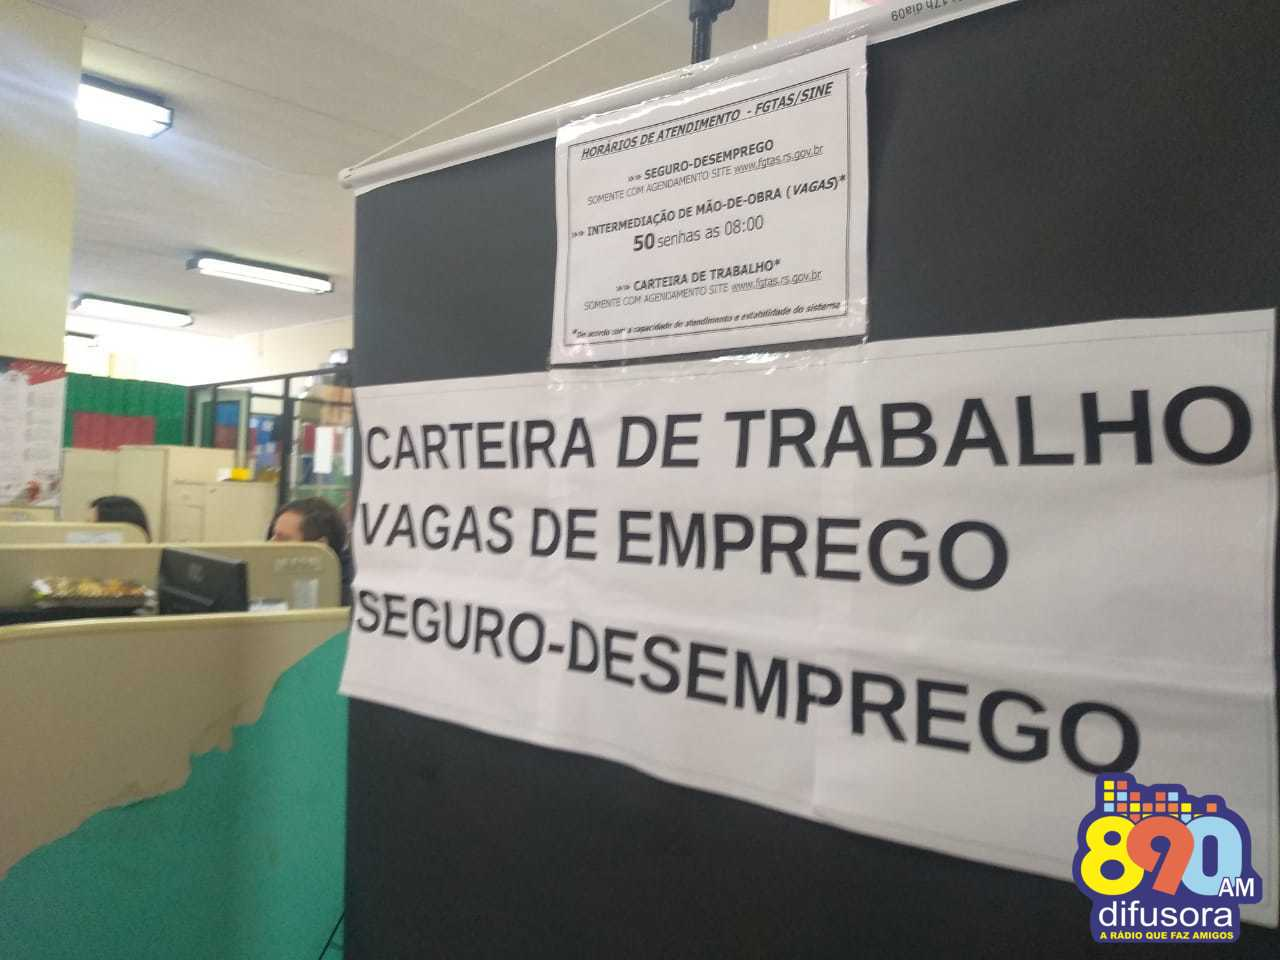 FGTAS/Sine de Bento oferta mais de 100 vagas de emprego